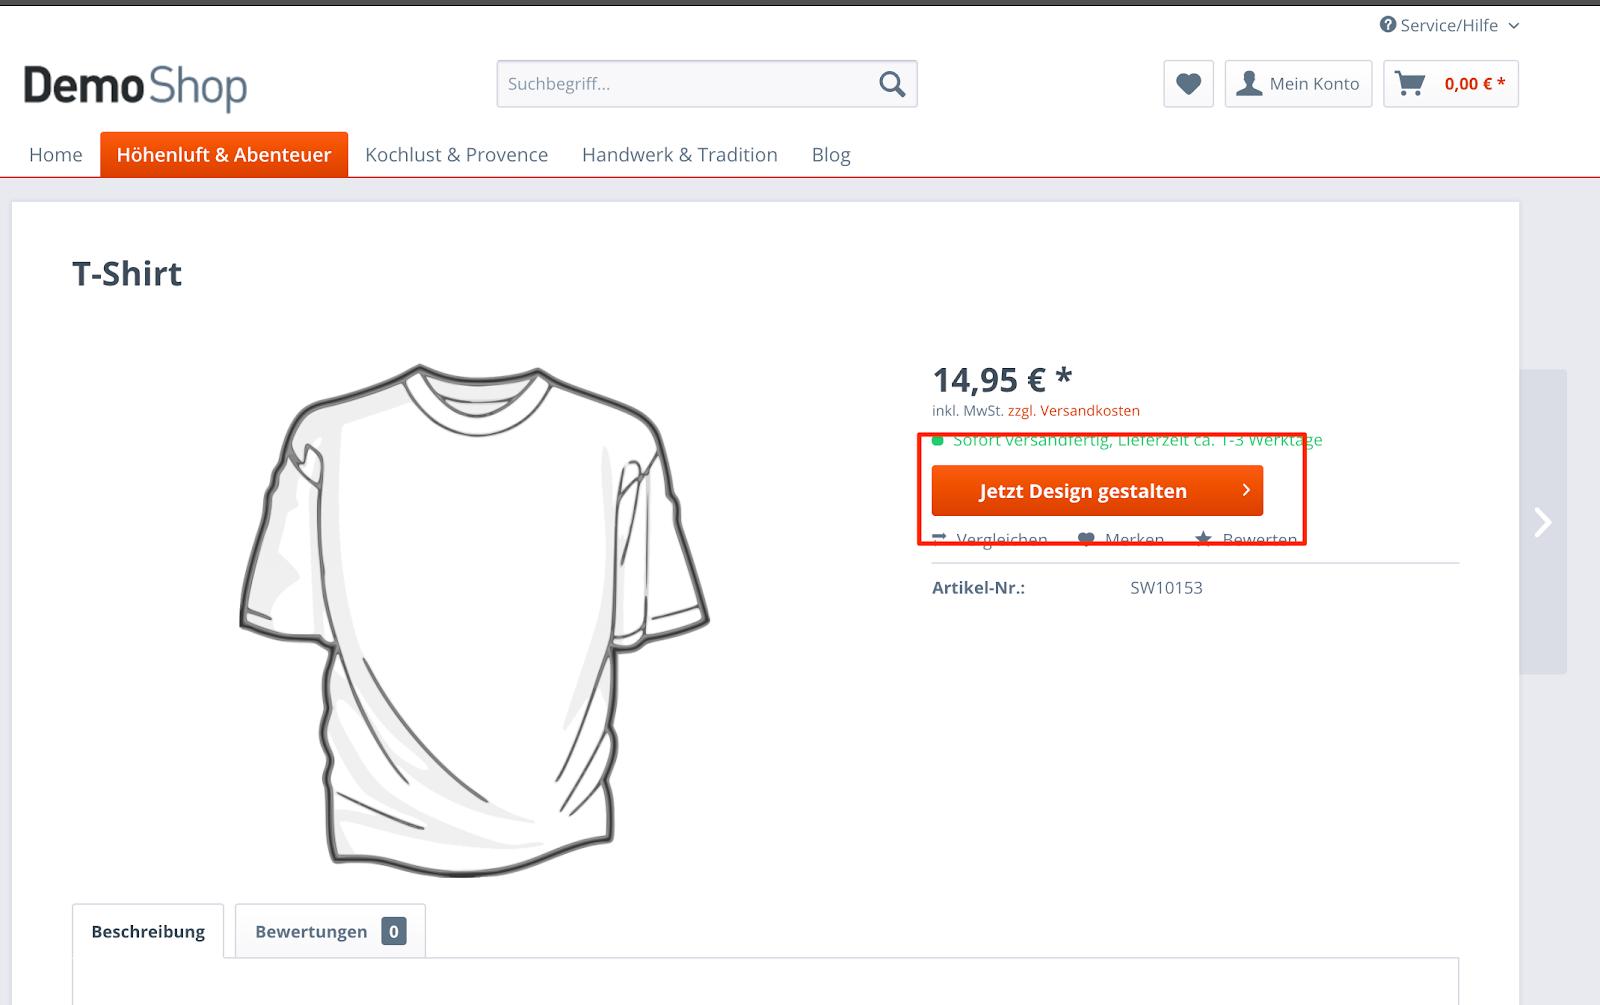 shopware_frontend_warenkorb_button.png